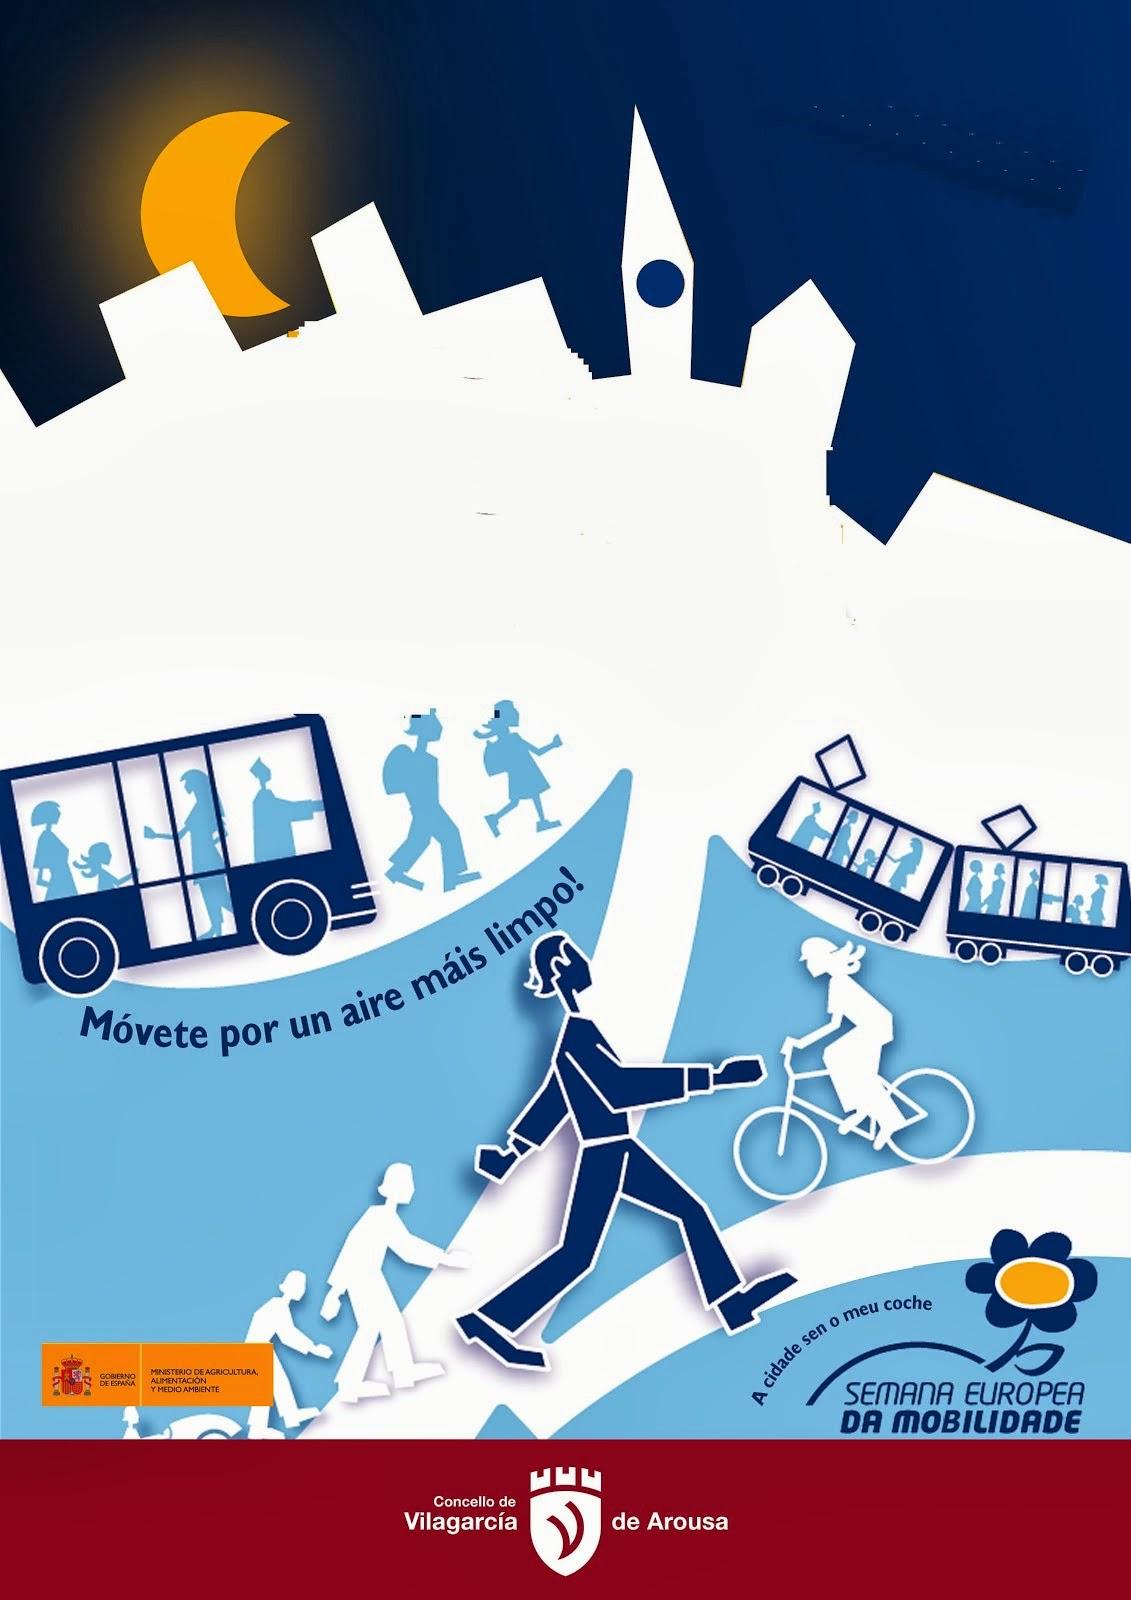 Semana europea da mobilidade: Móvete por un aire máis limpo!